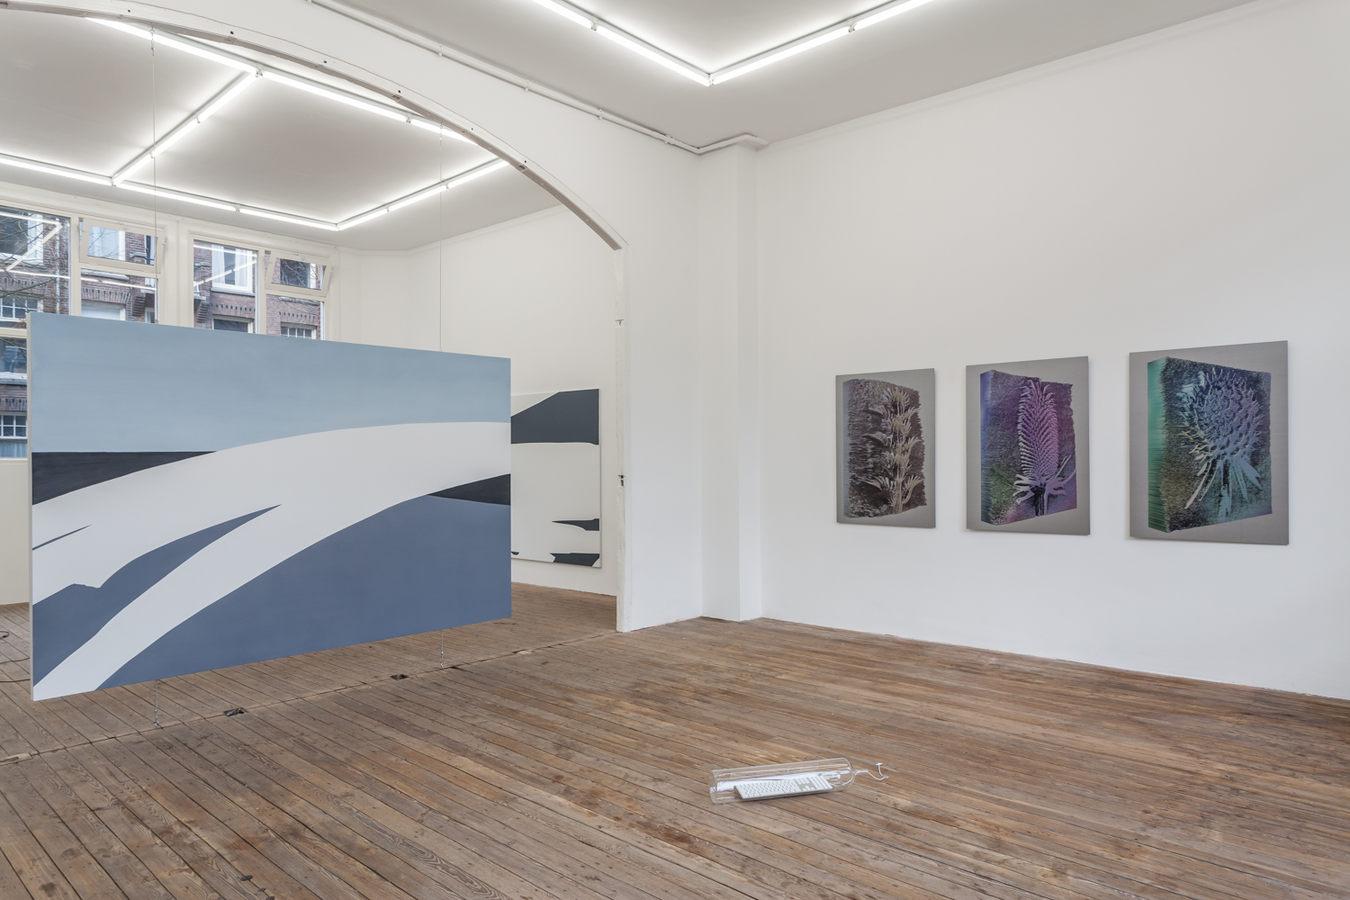 Installation view; Spiros Hadjidjanos, Sara Ludy, Priscilla Tea; Galerie Gabriel Rolt (1)